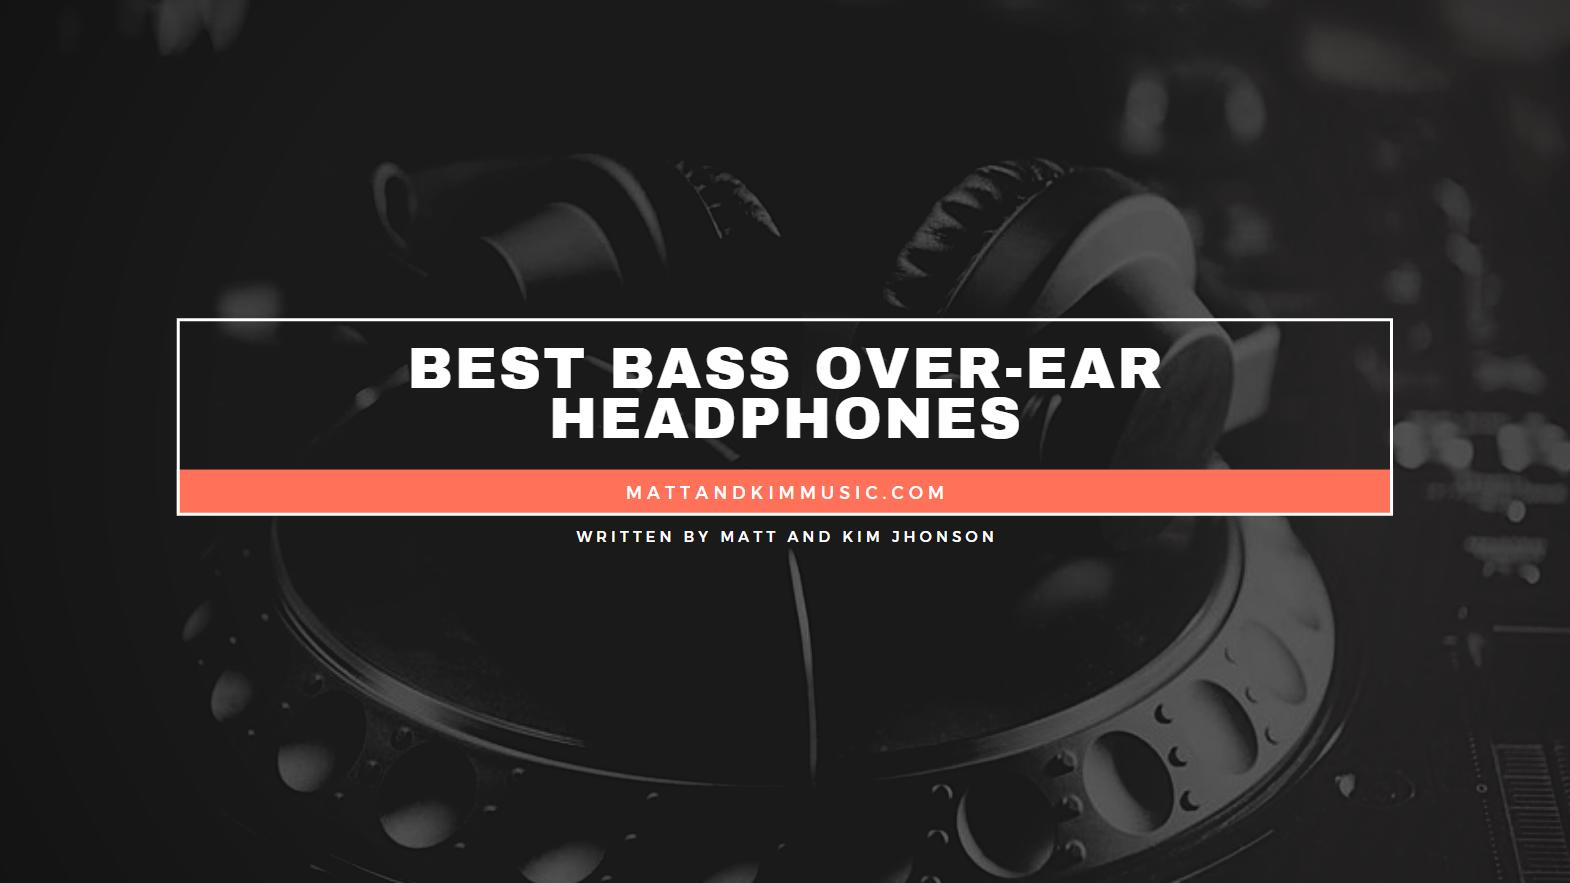 Best Bass Over-Ear Headphones